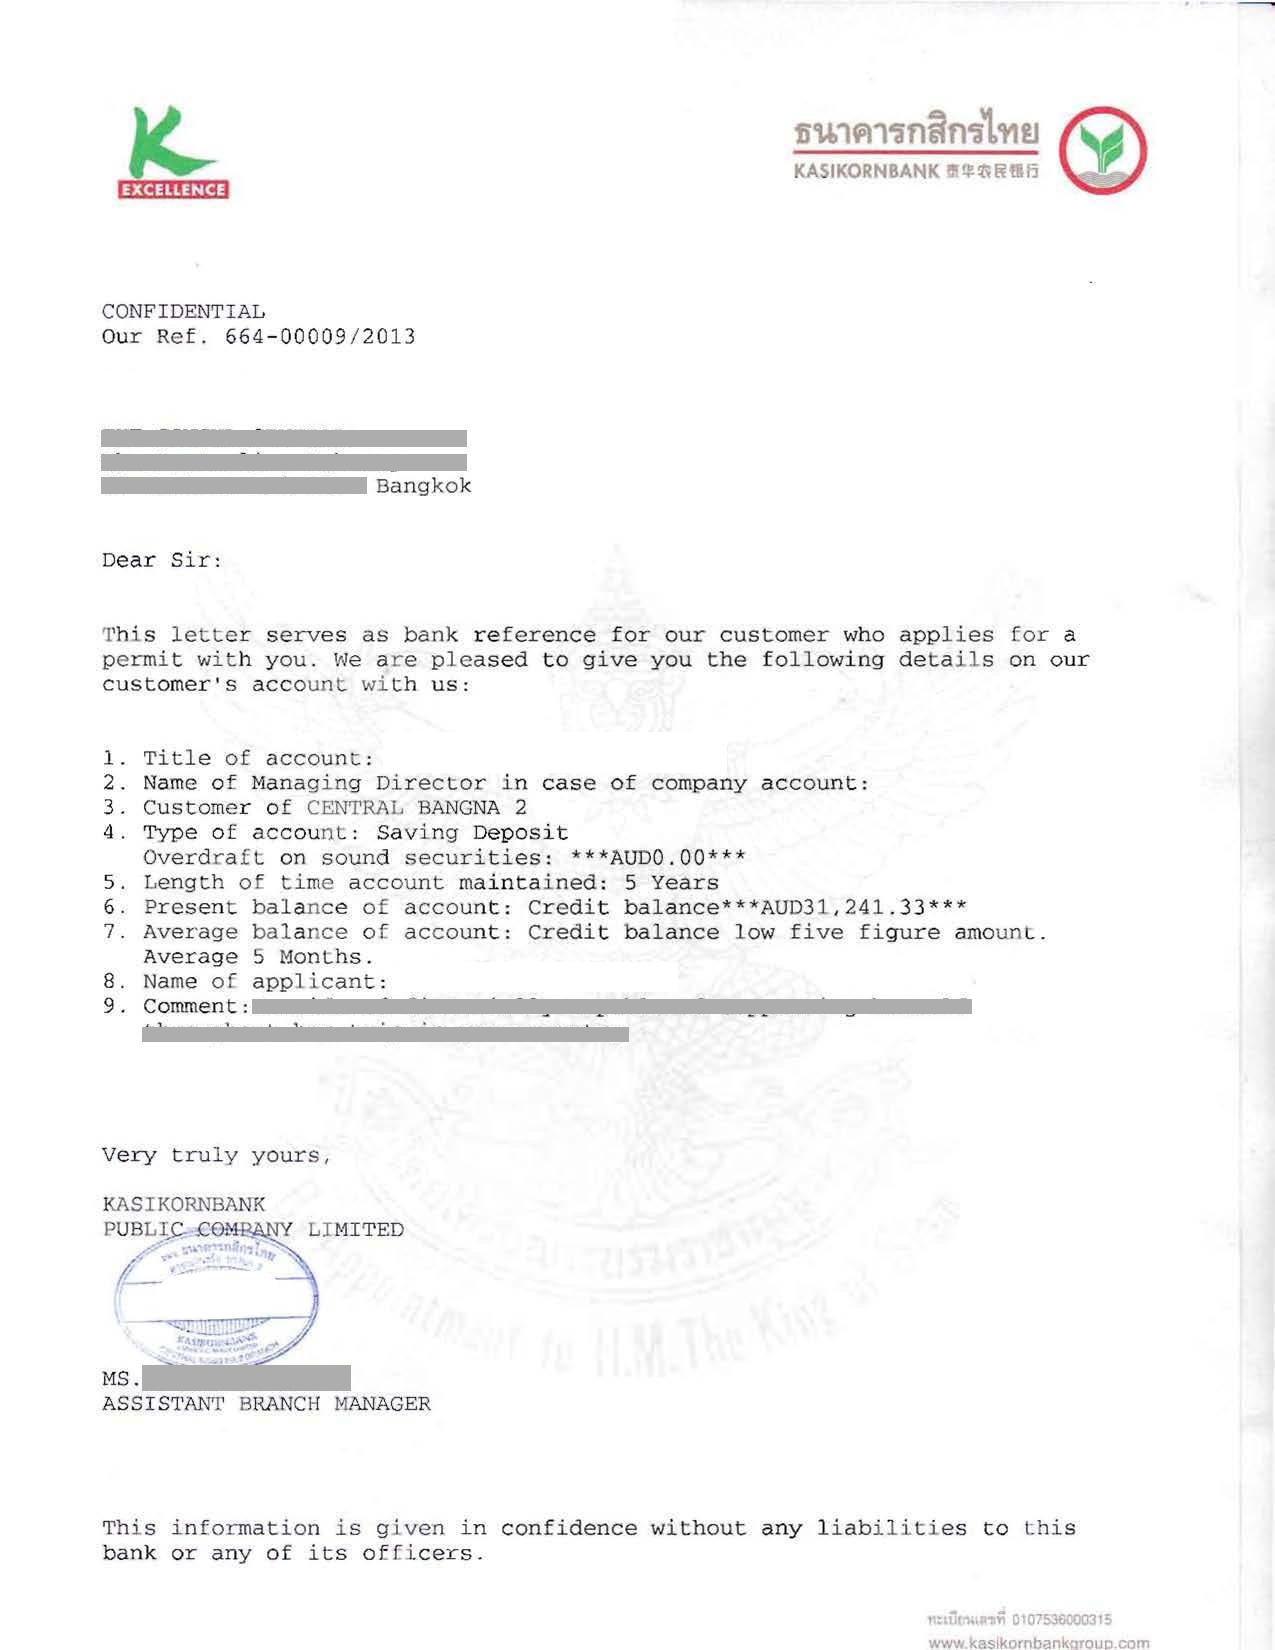 Bank Verification Letter For Parents Visa